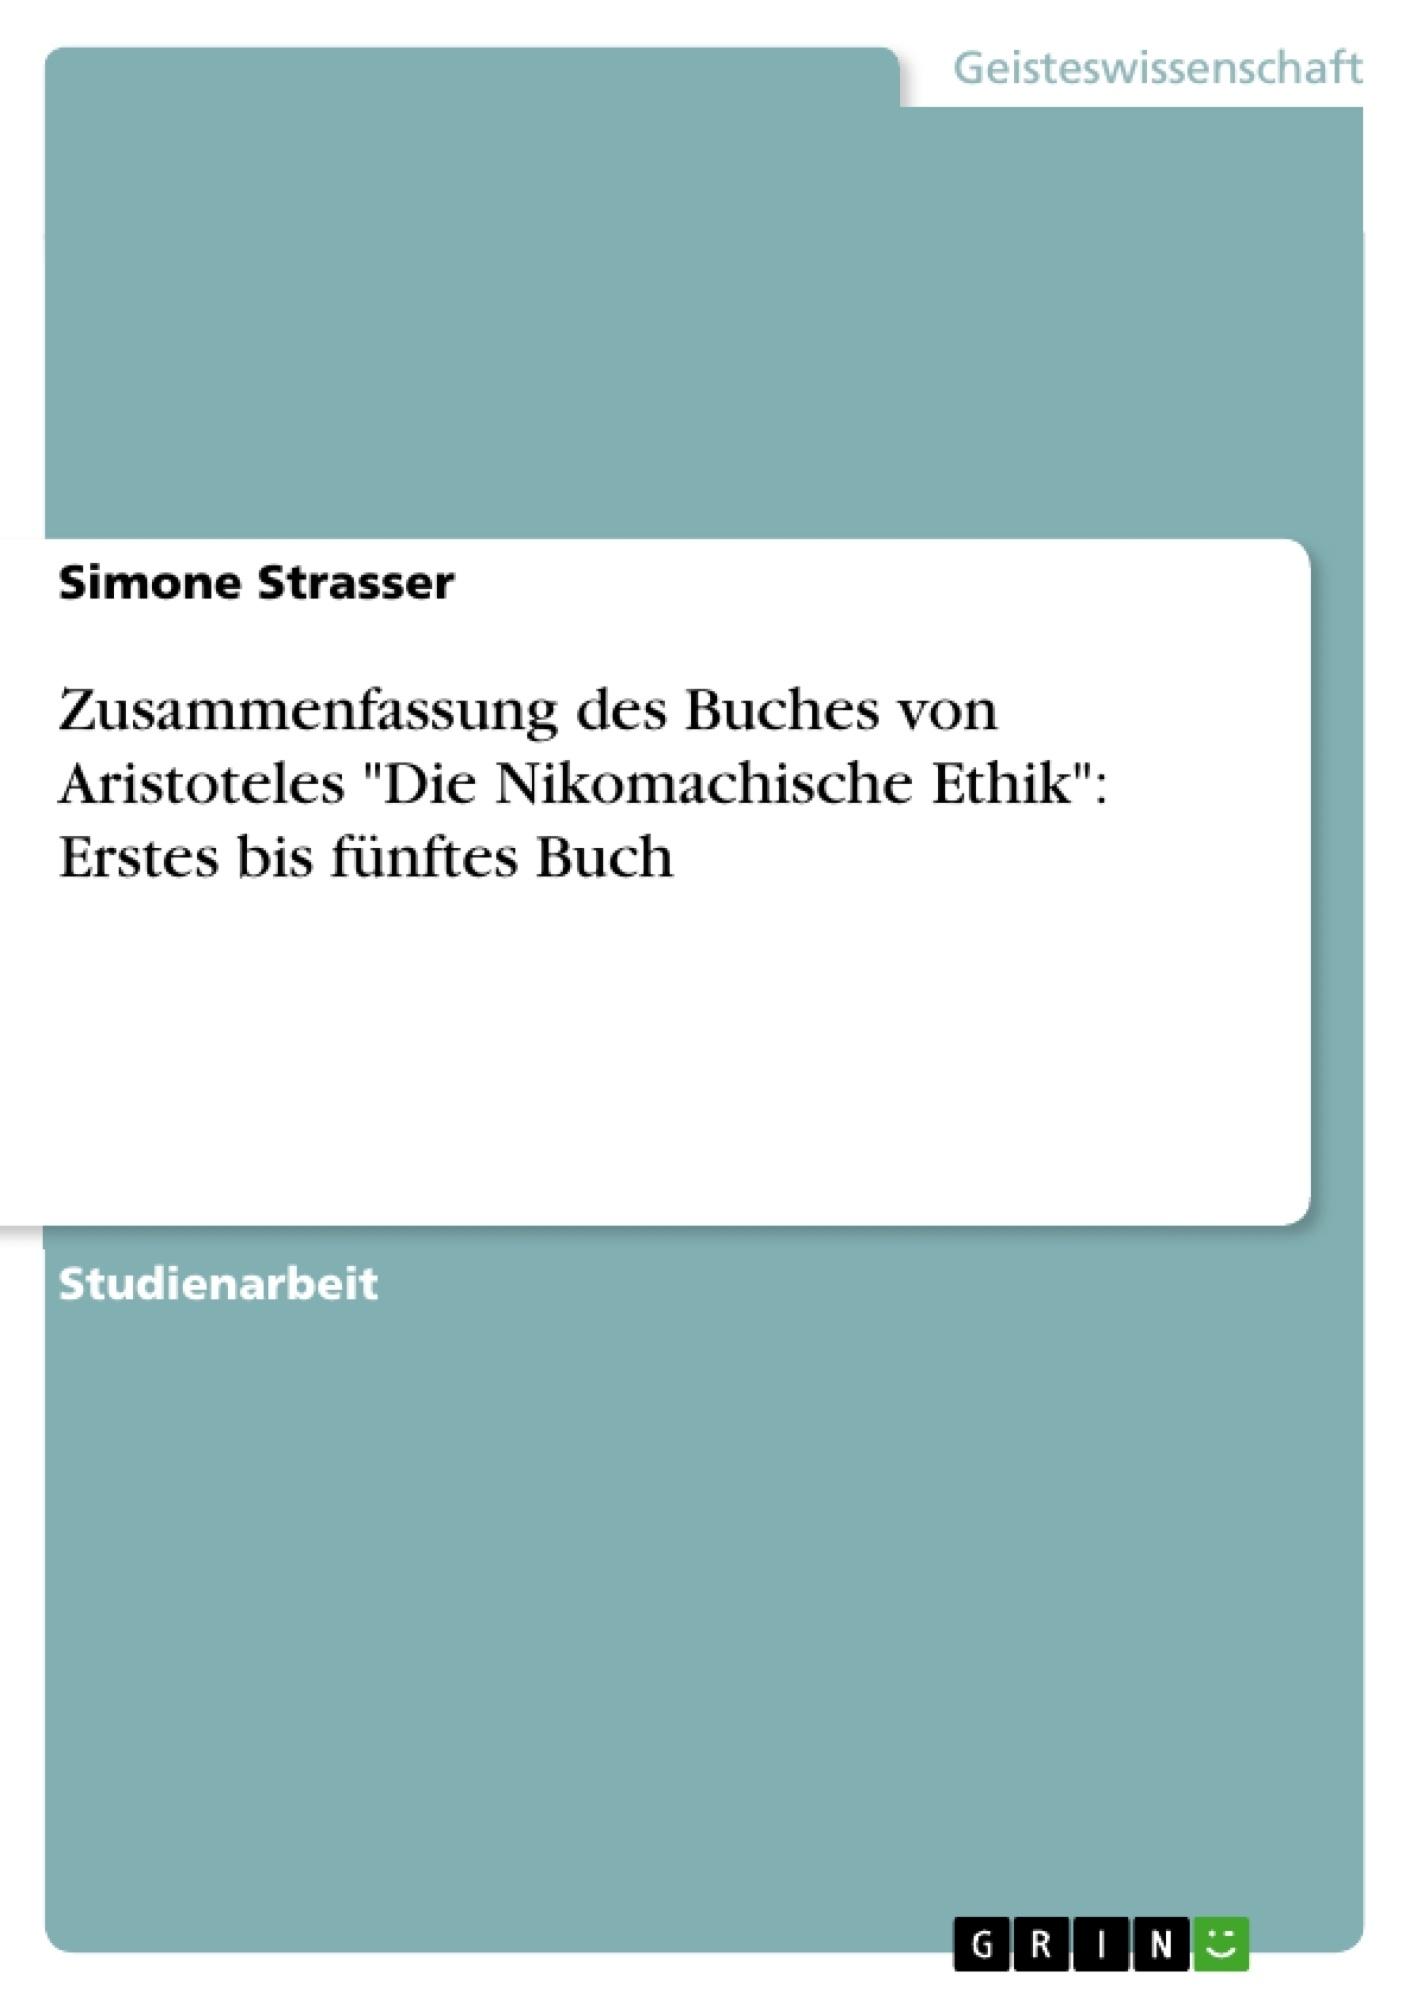 """Titel: Zusammenfassung des Buches von Aristoteles """"Die Nikomachische Ethik"""": Erstes bis fünftes Buch"""